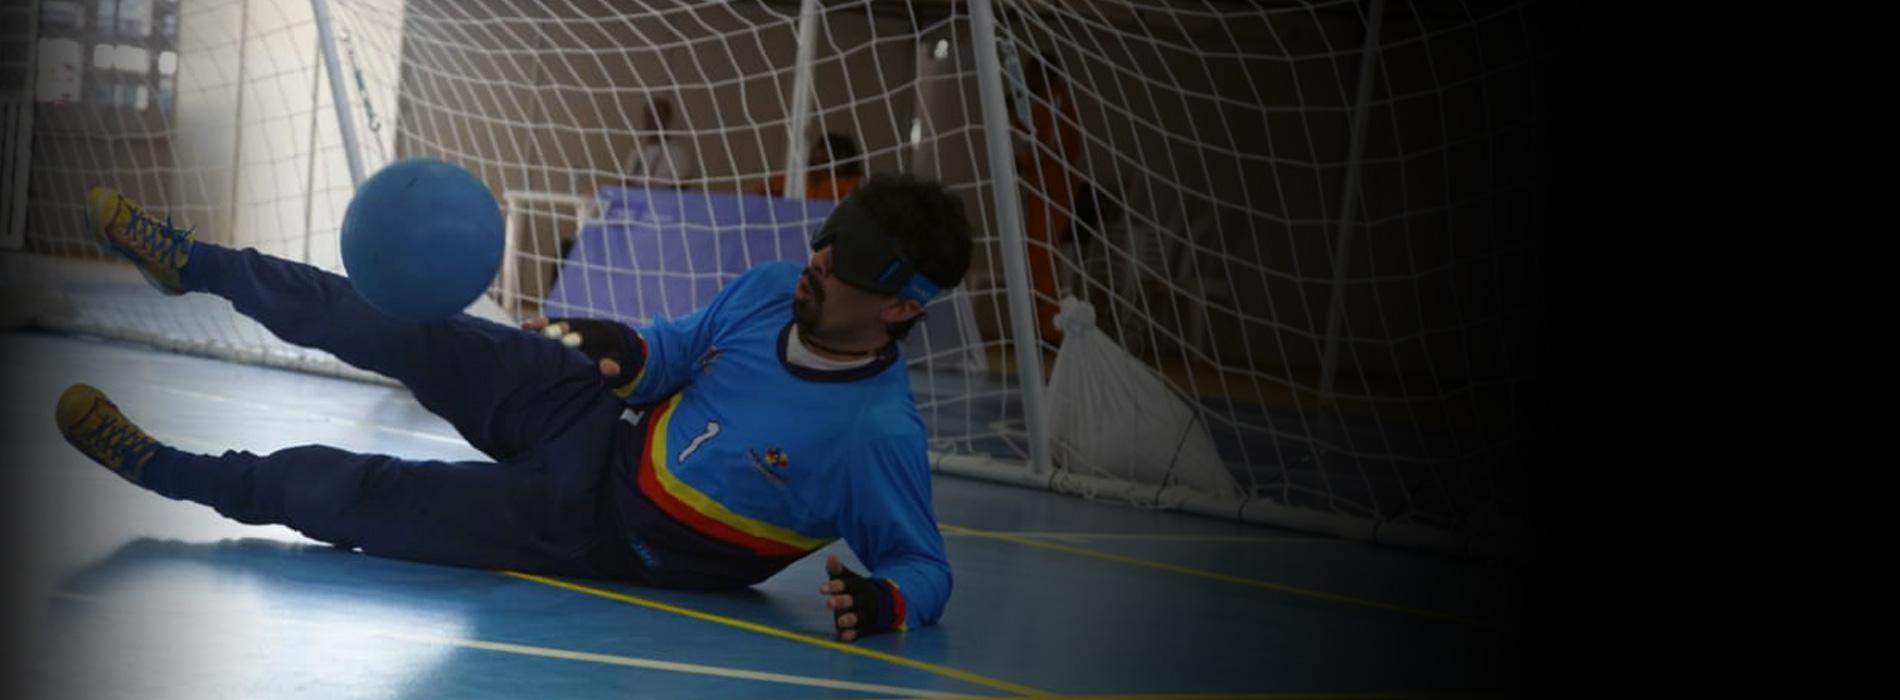 El bogotano Boris Pedraza es uno de los mejores jugadores de goalball en Colombia.